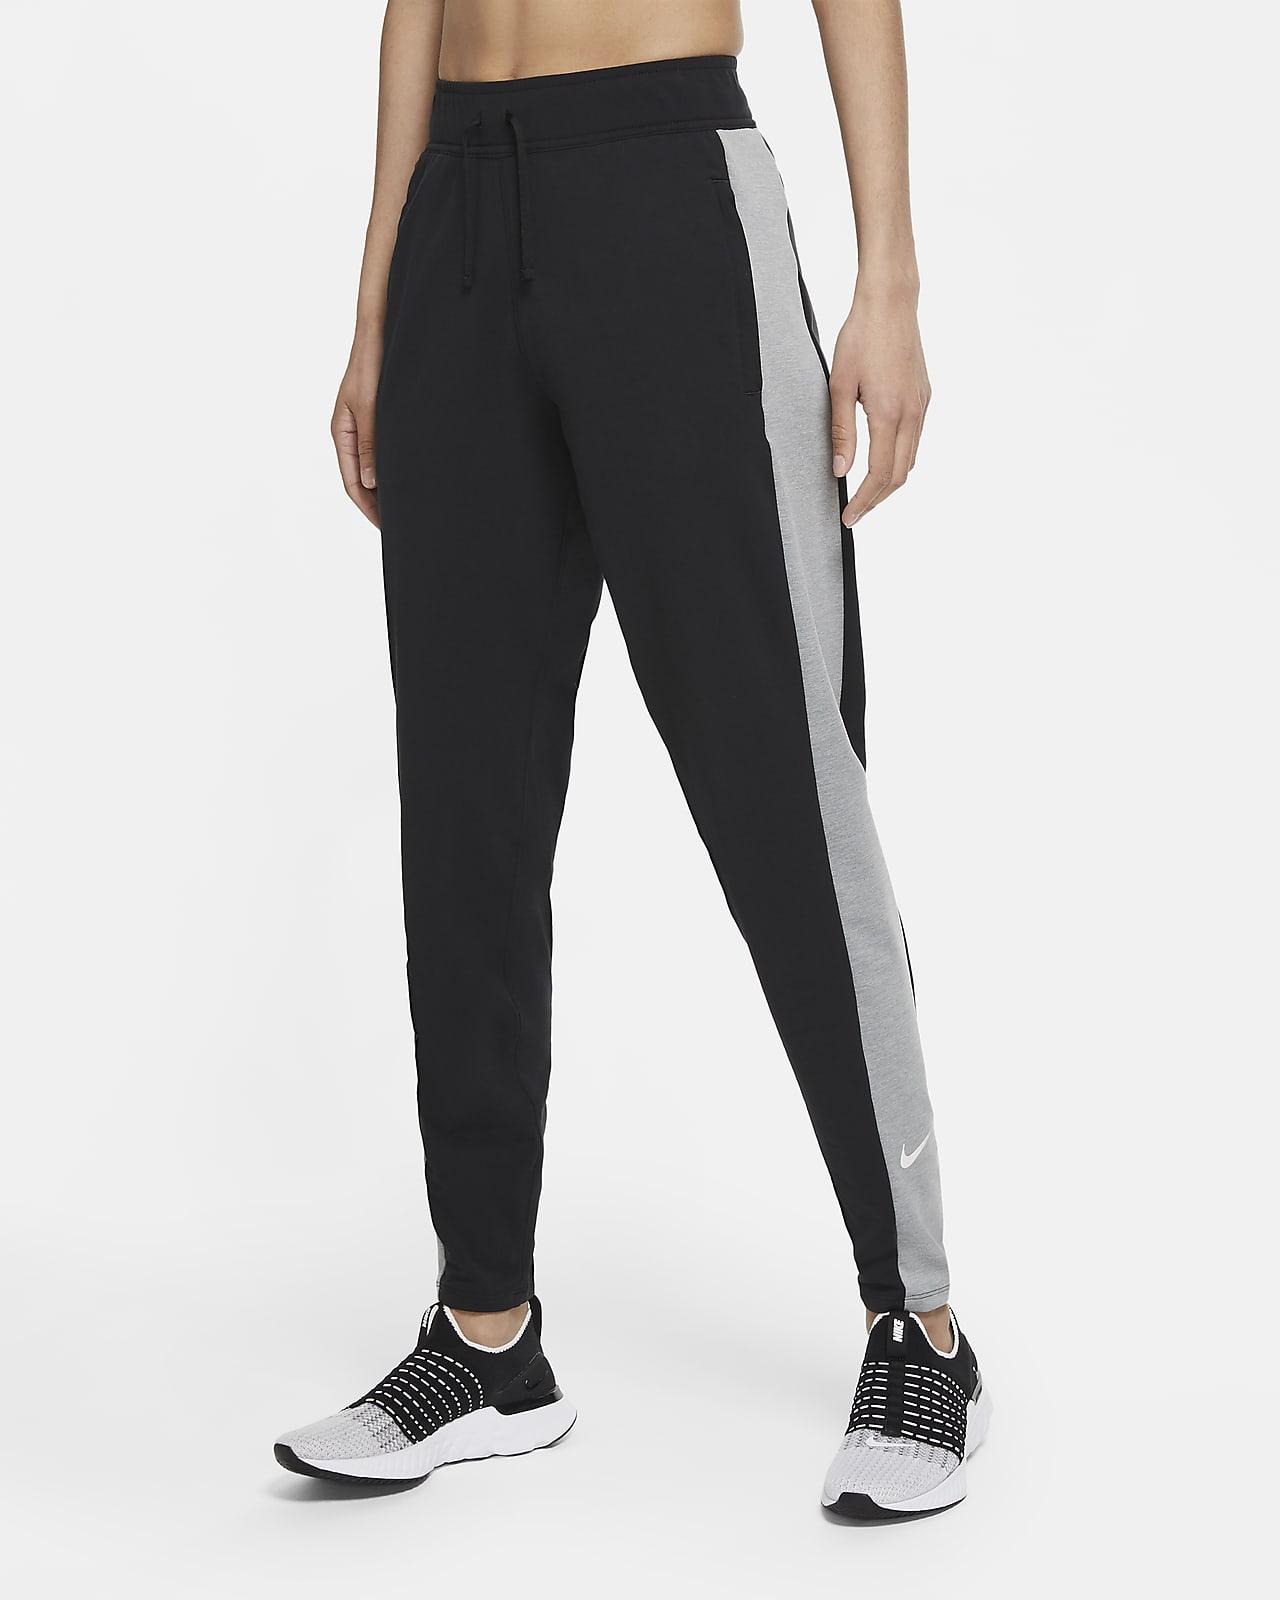 Damskie spodnie do biegania Nike Essential Warm